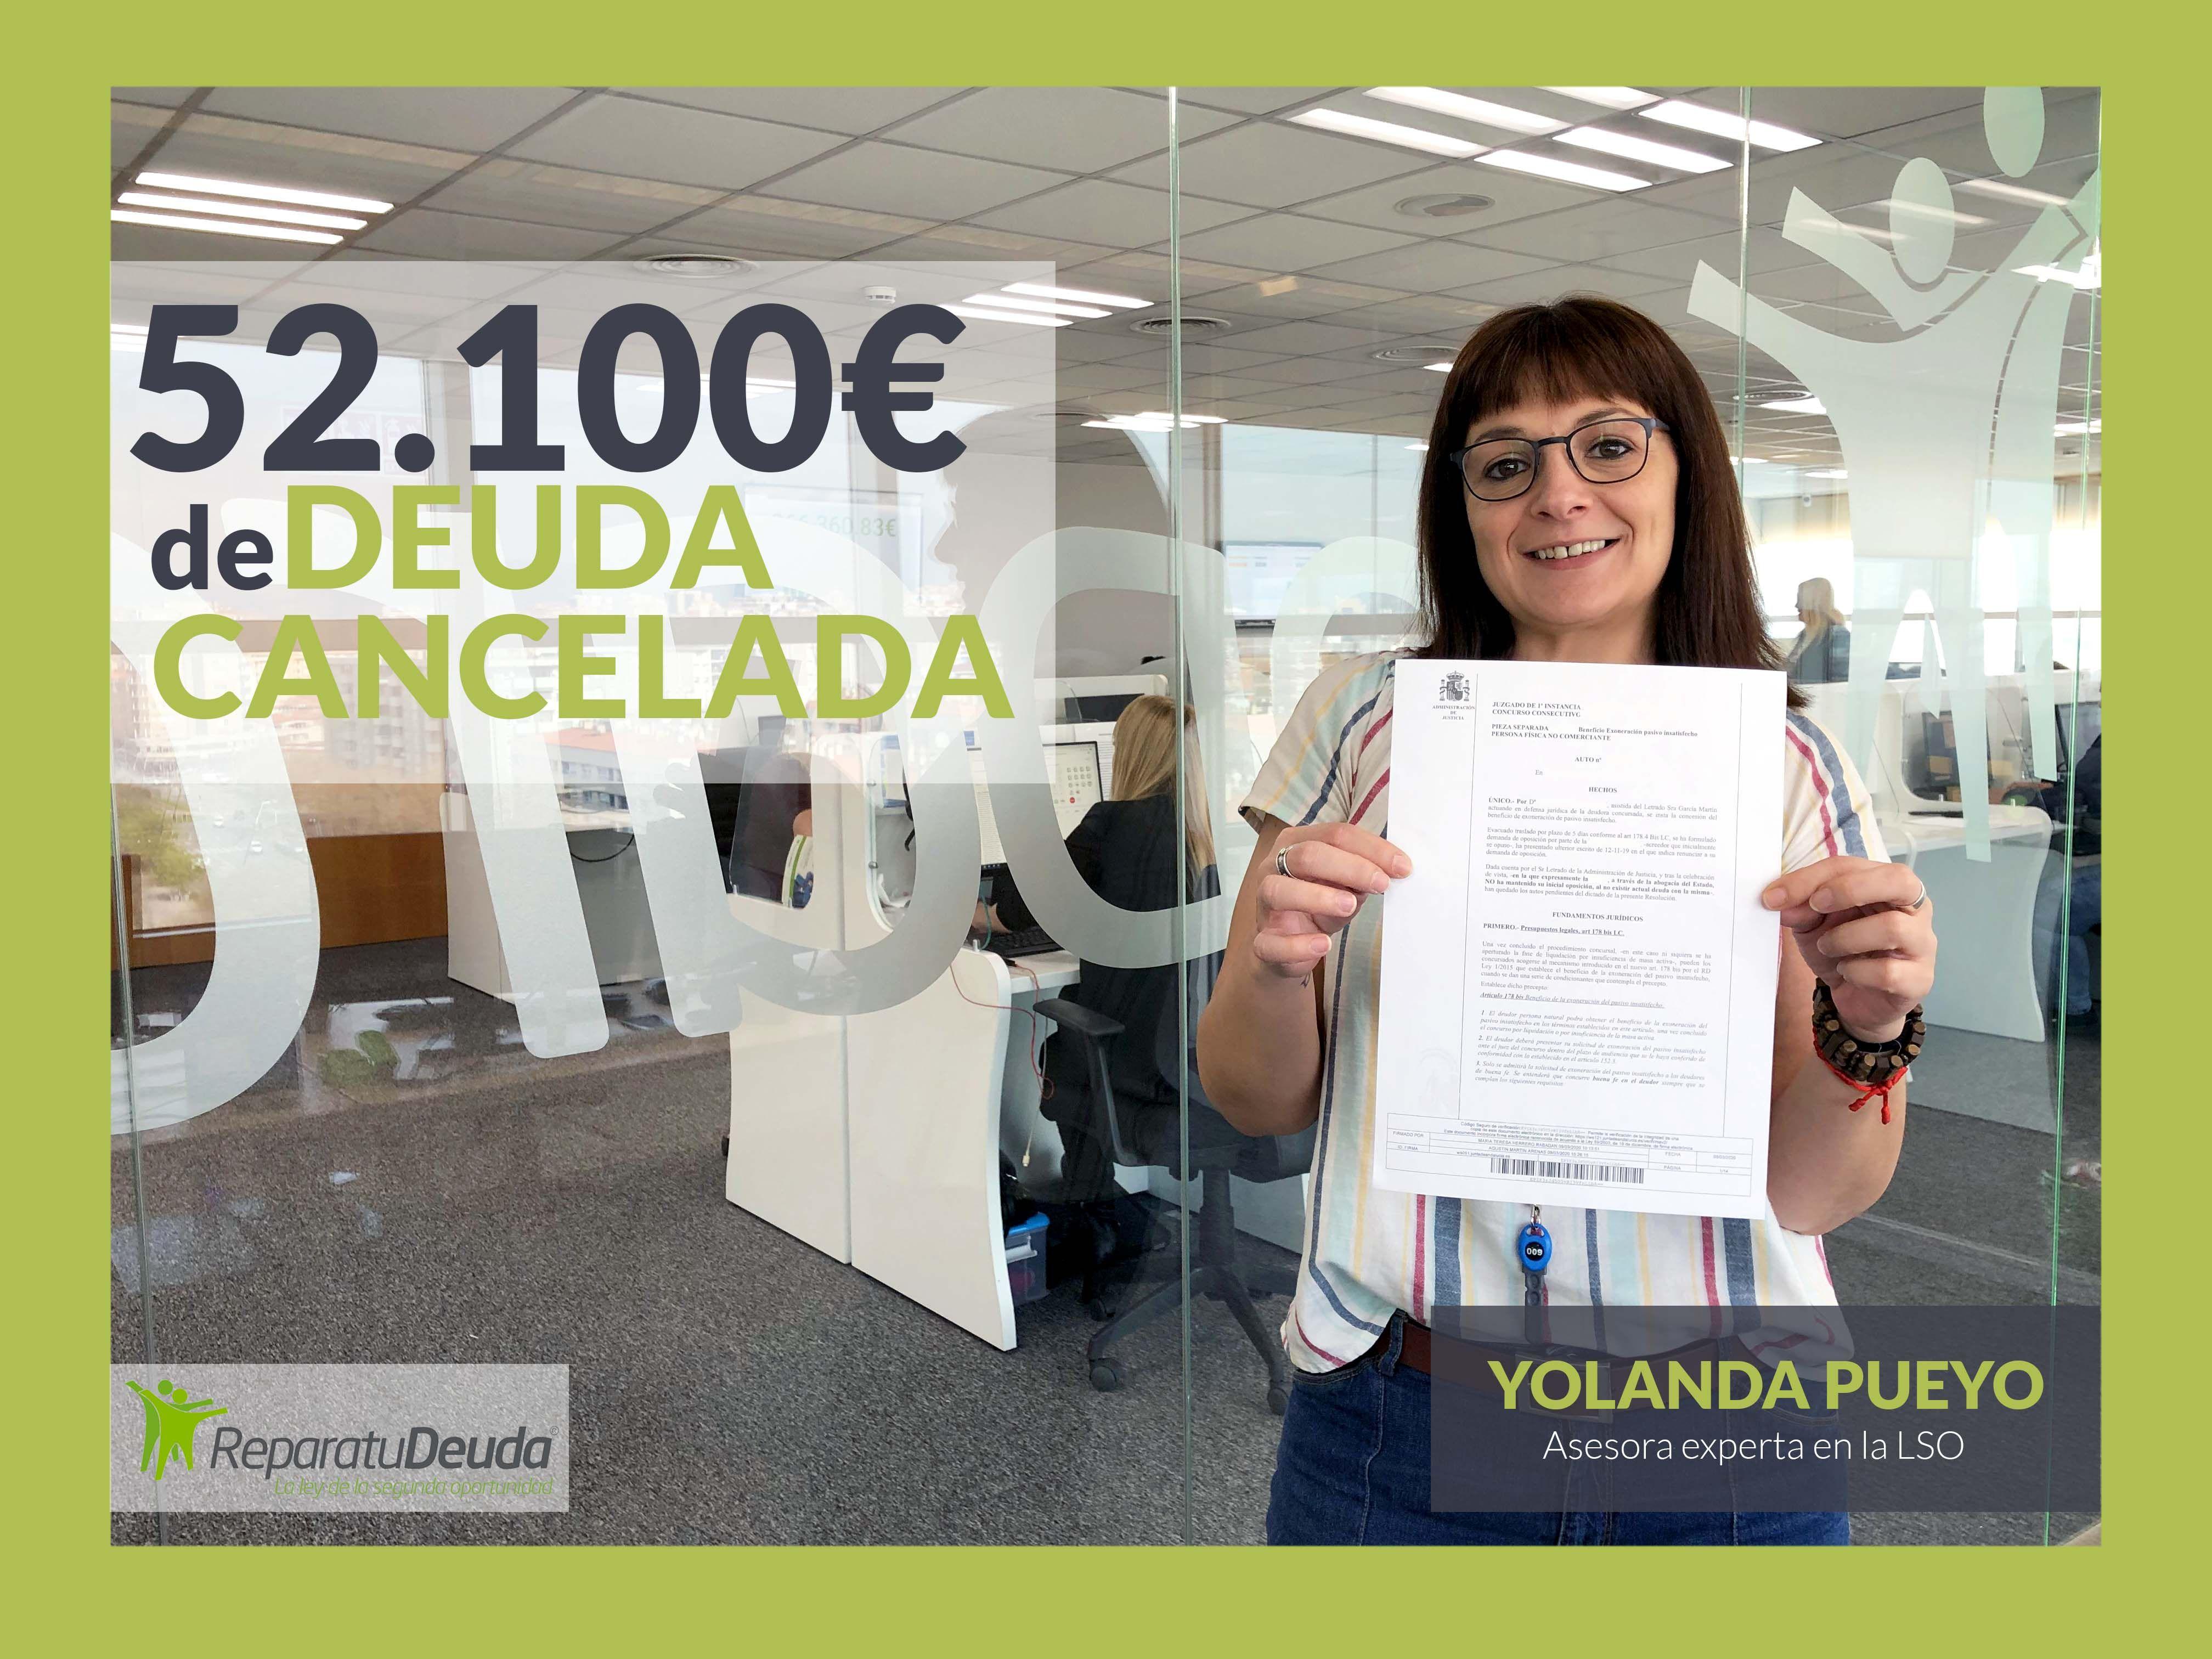 Repara tu Deuda Abogados logra cancelar 52.100 ? en Mallorca gracias a la Ley de Segunda Oportunidad